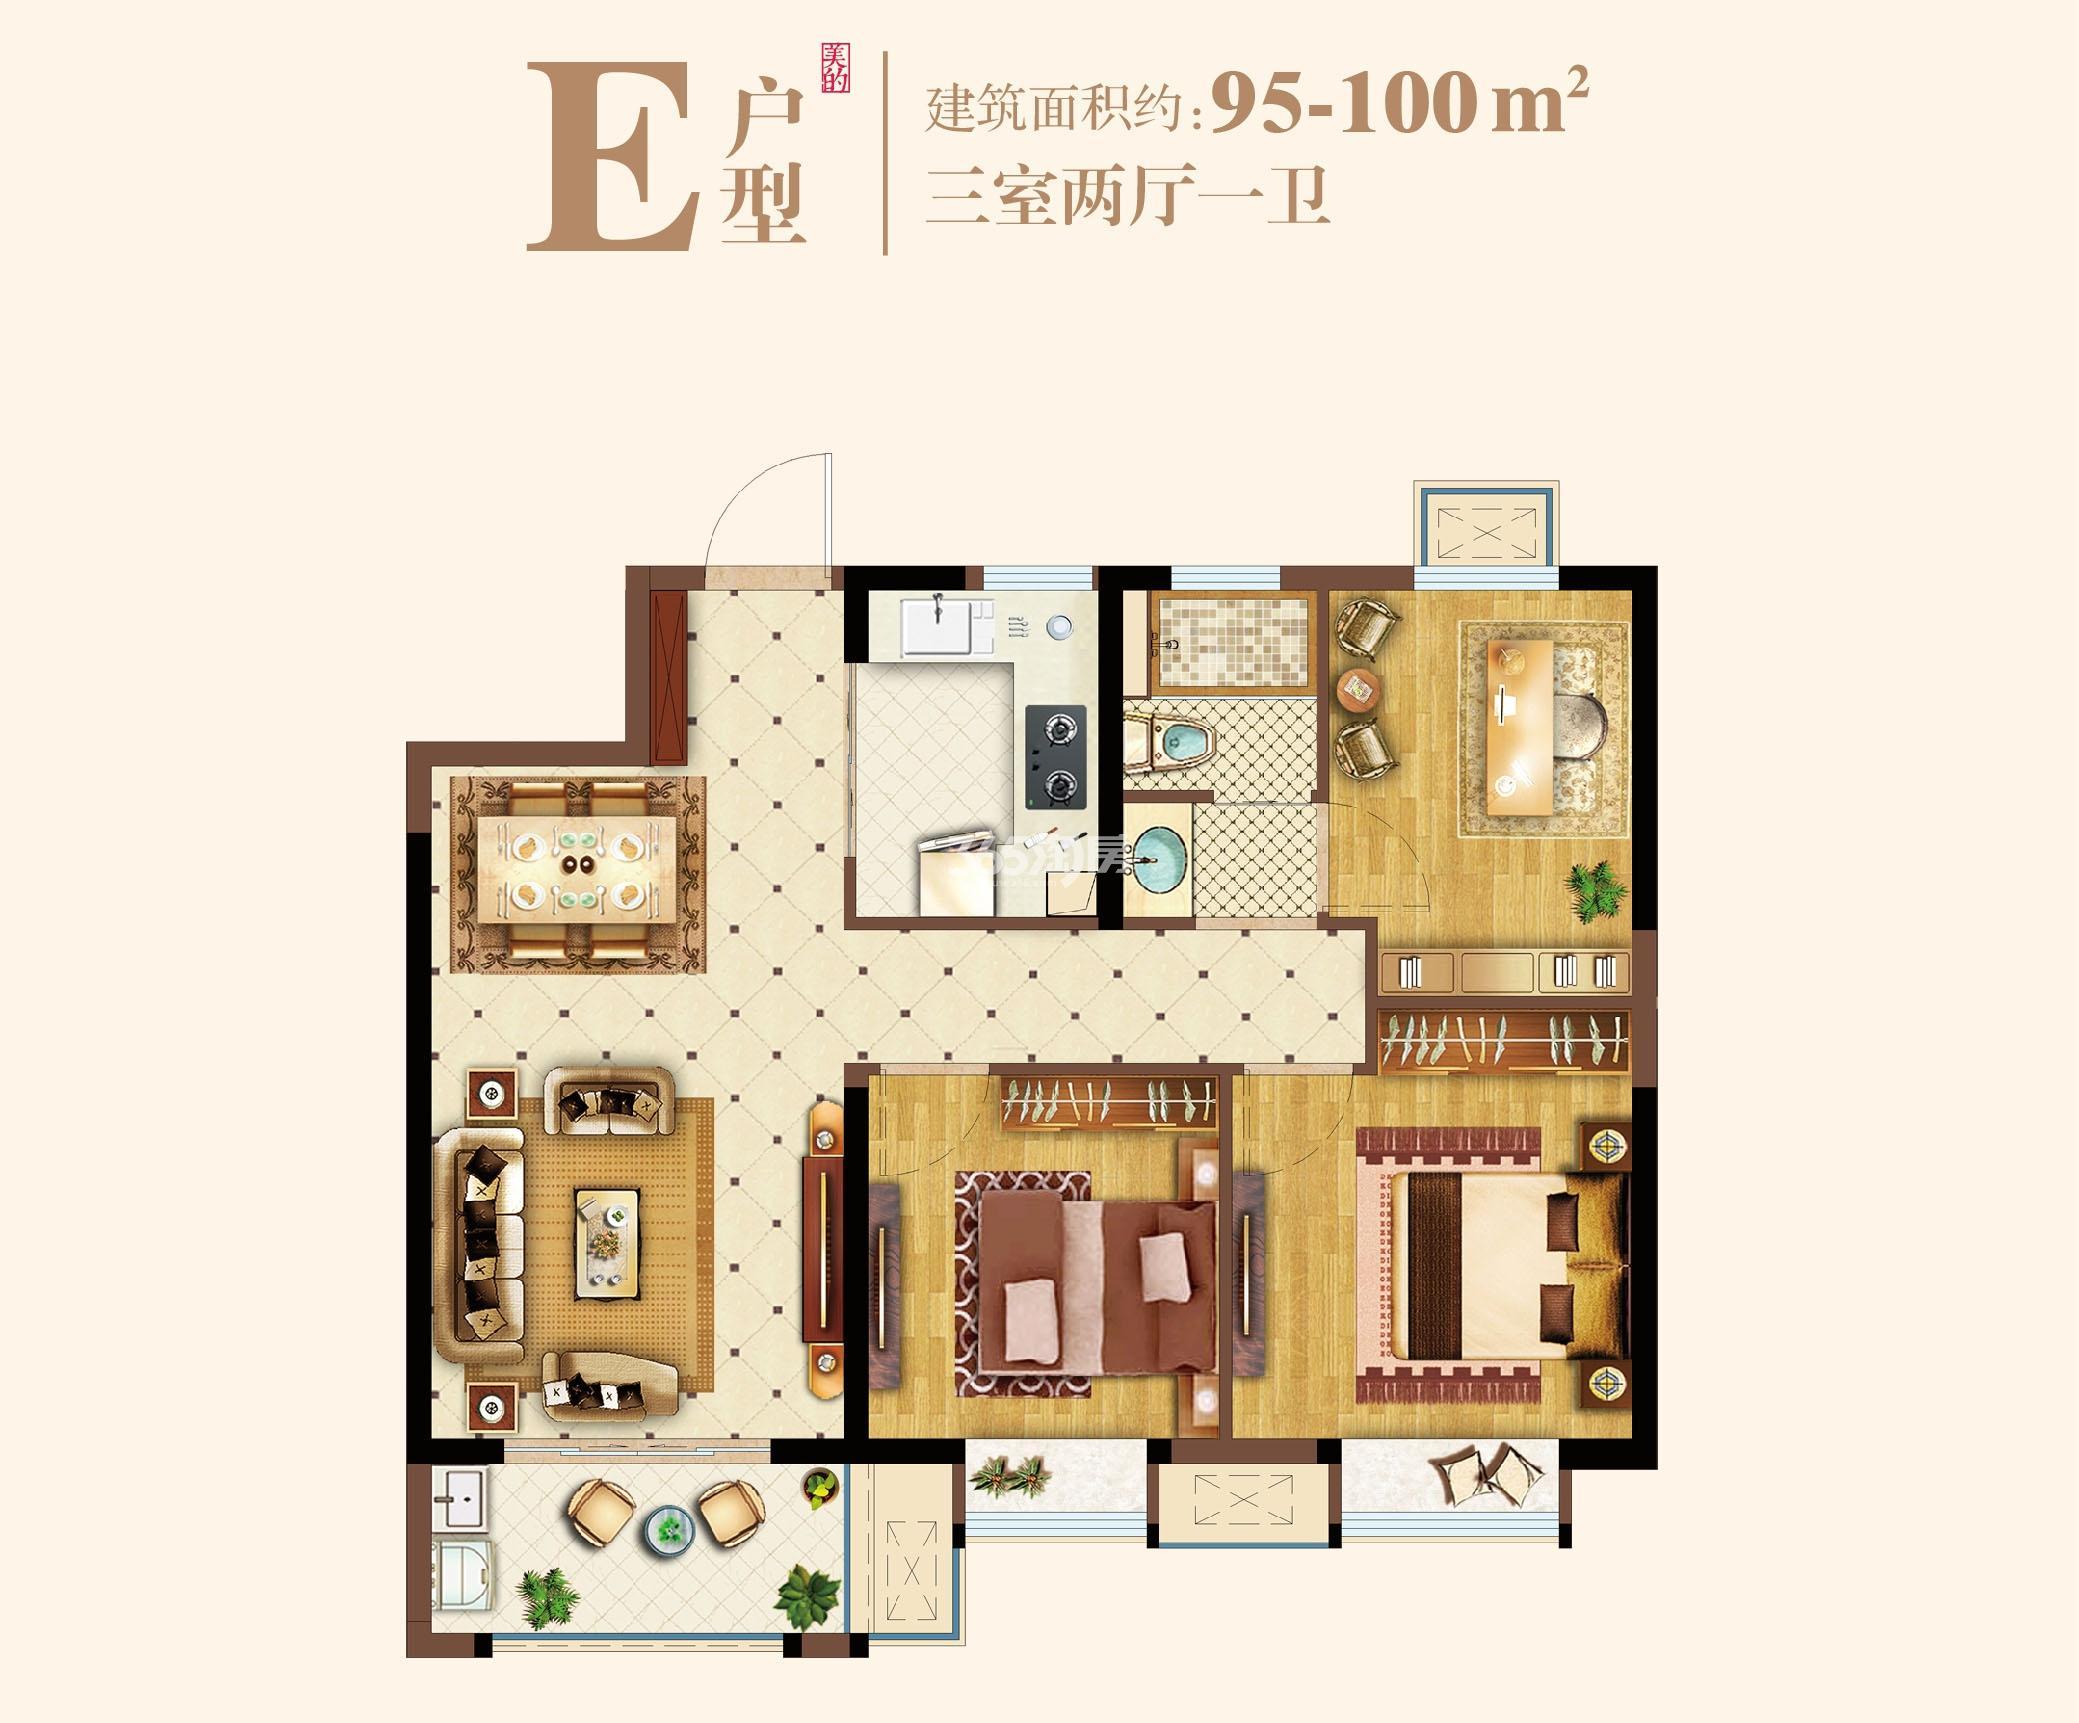 高层E户型95㎡-100㎡三室两厅一卫